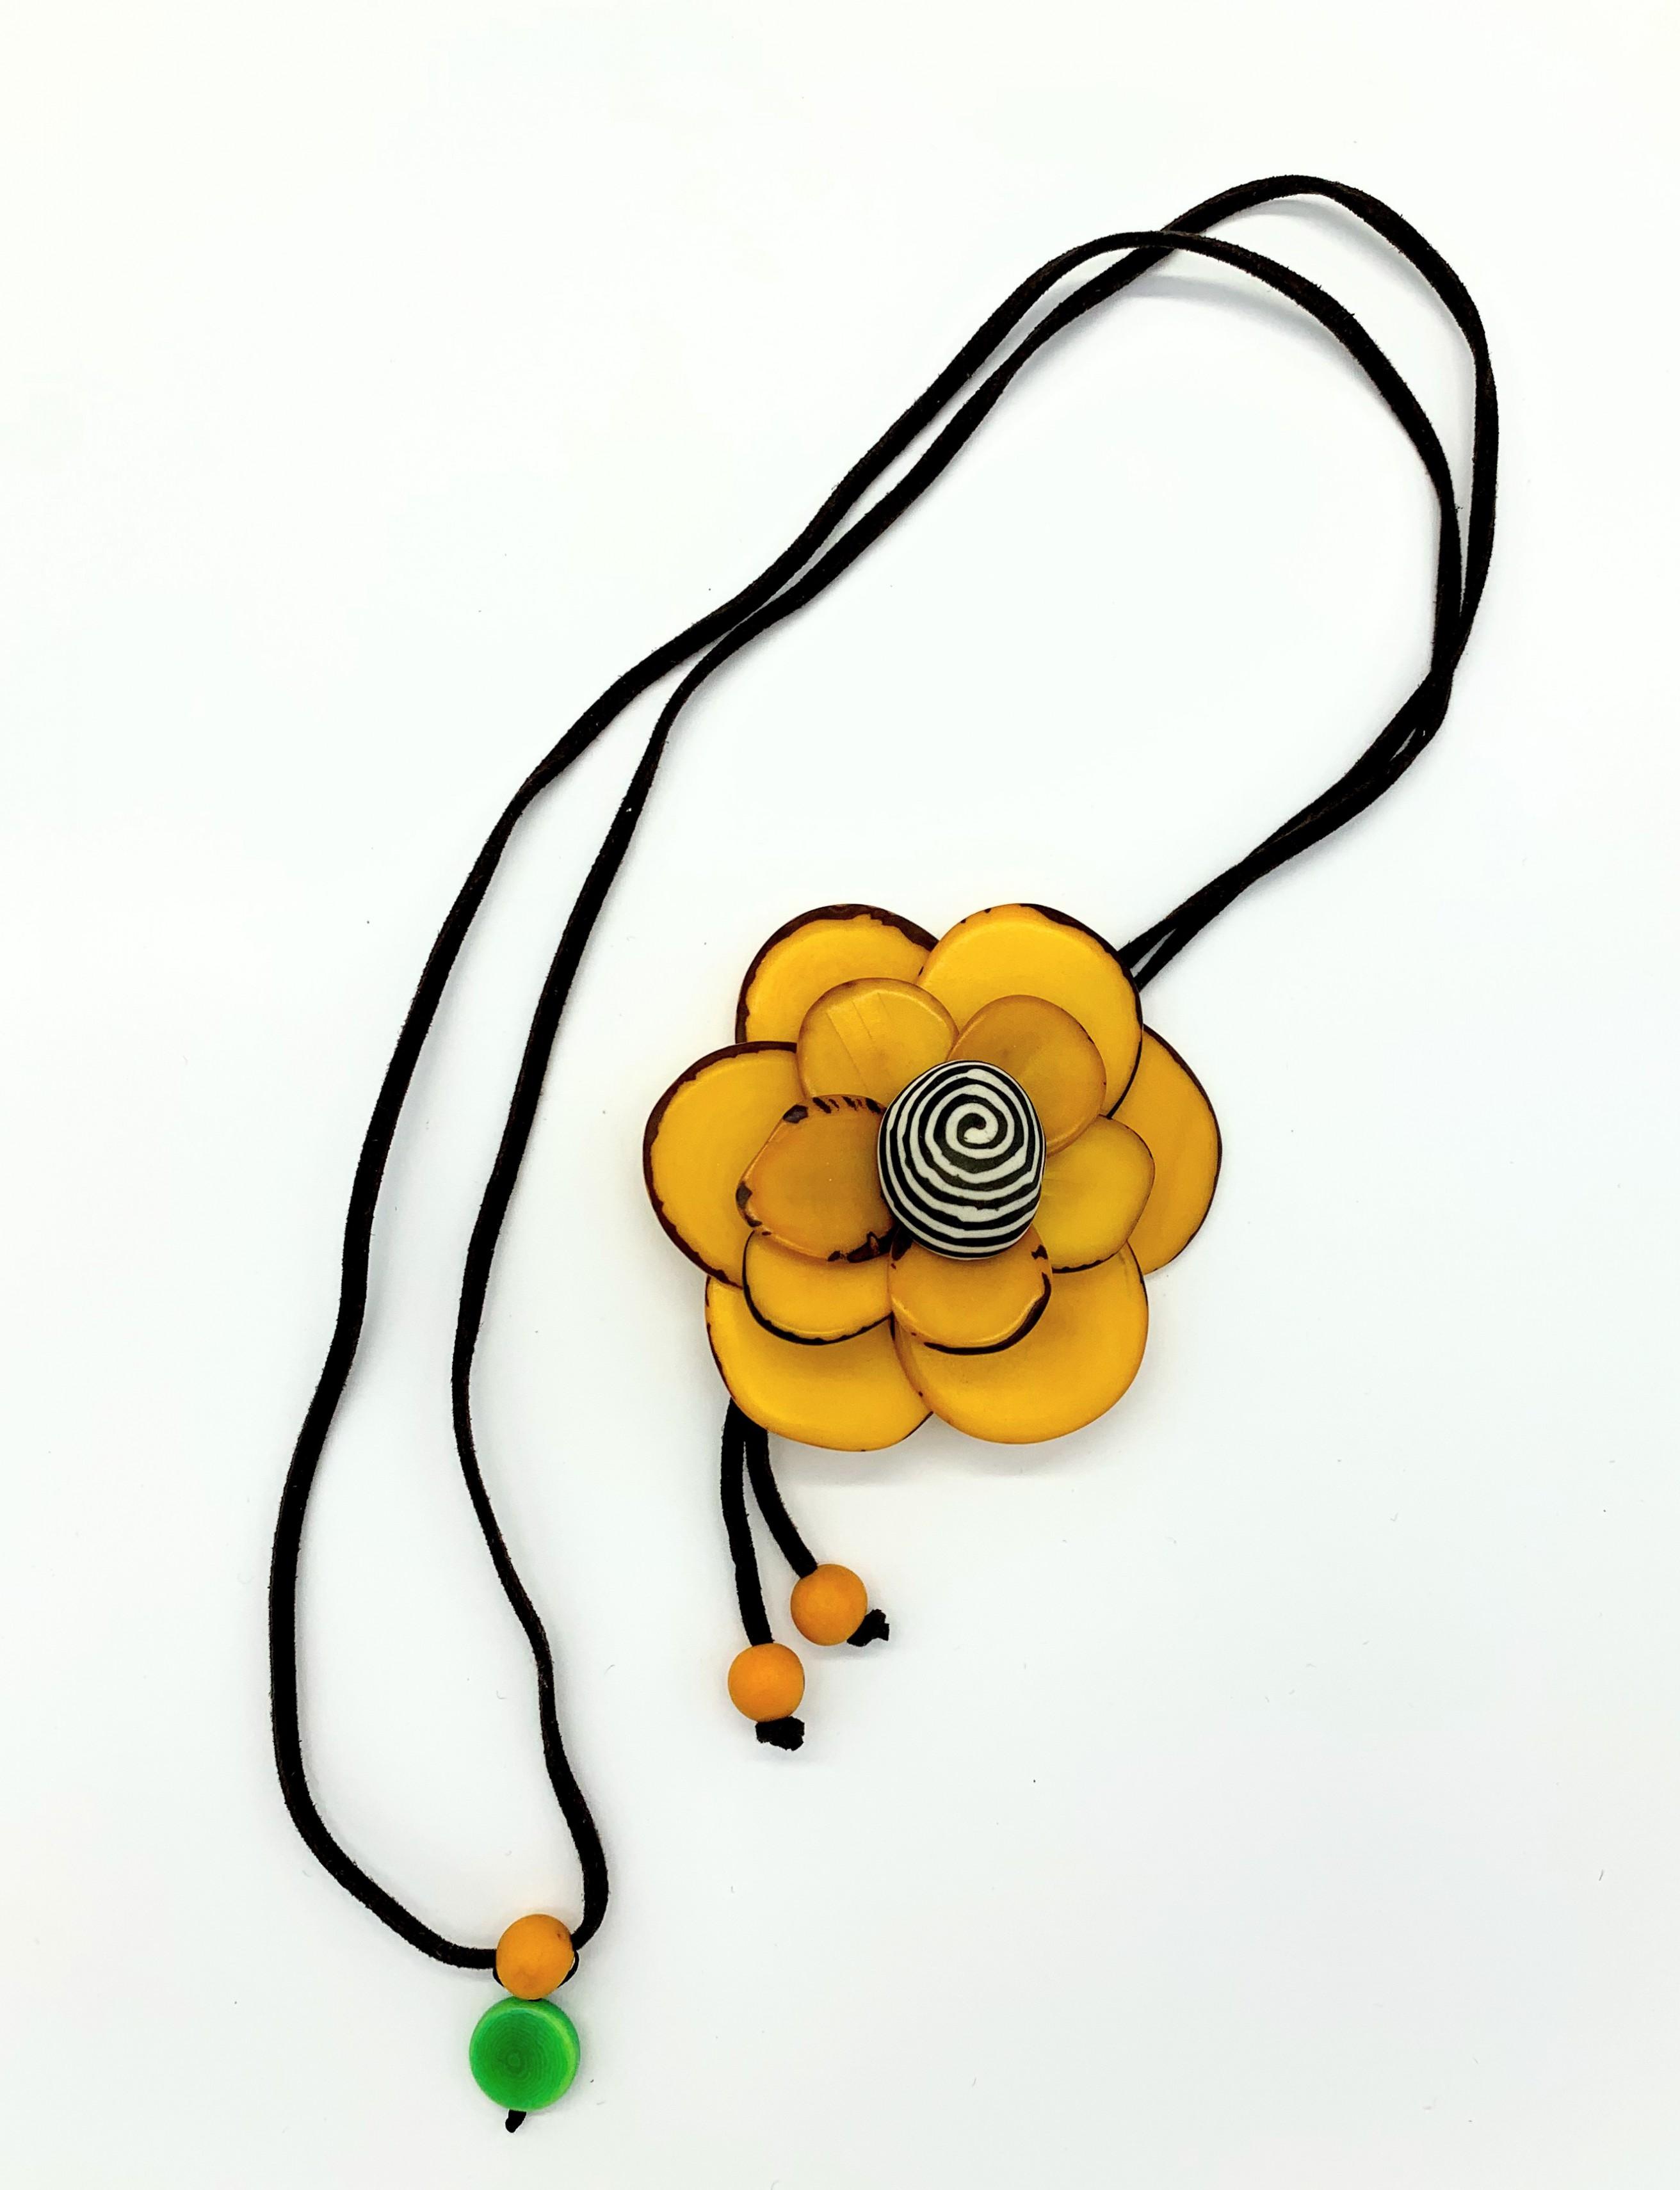 פרח 3D צהובה